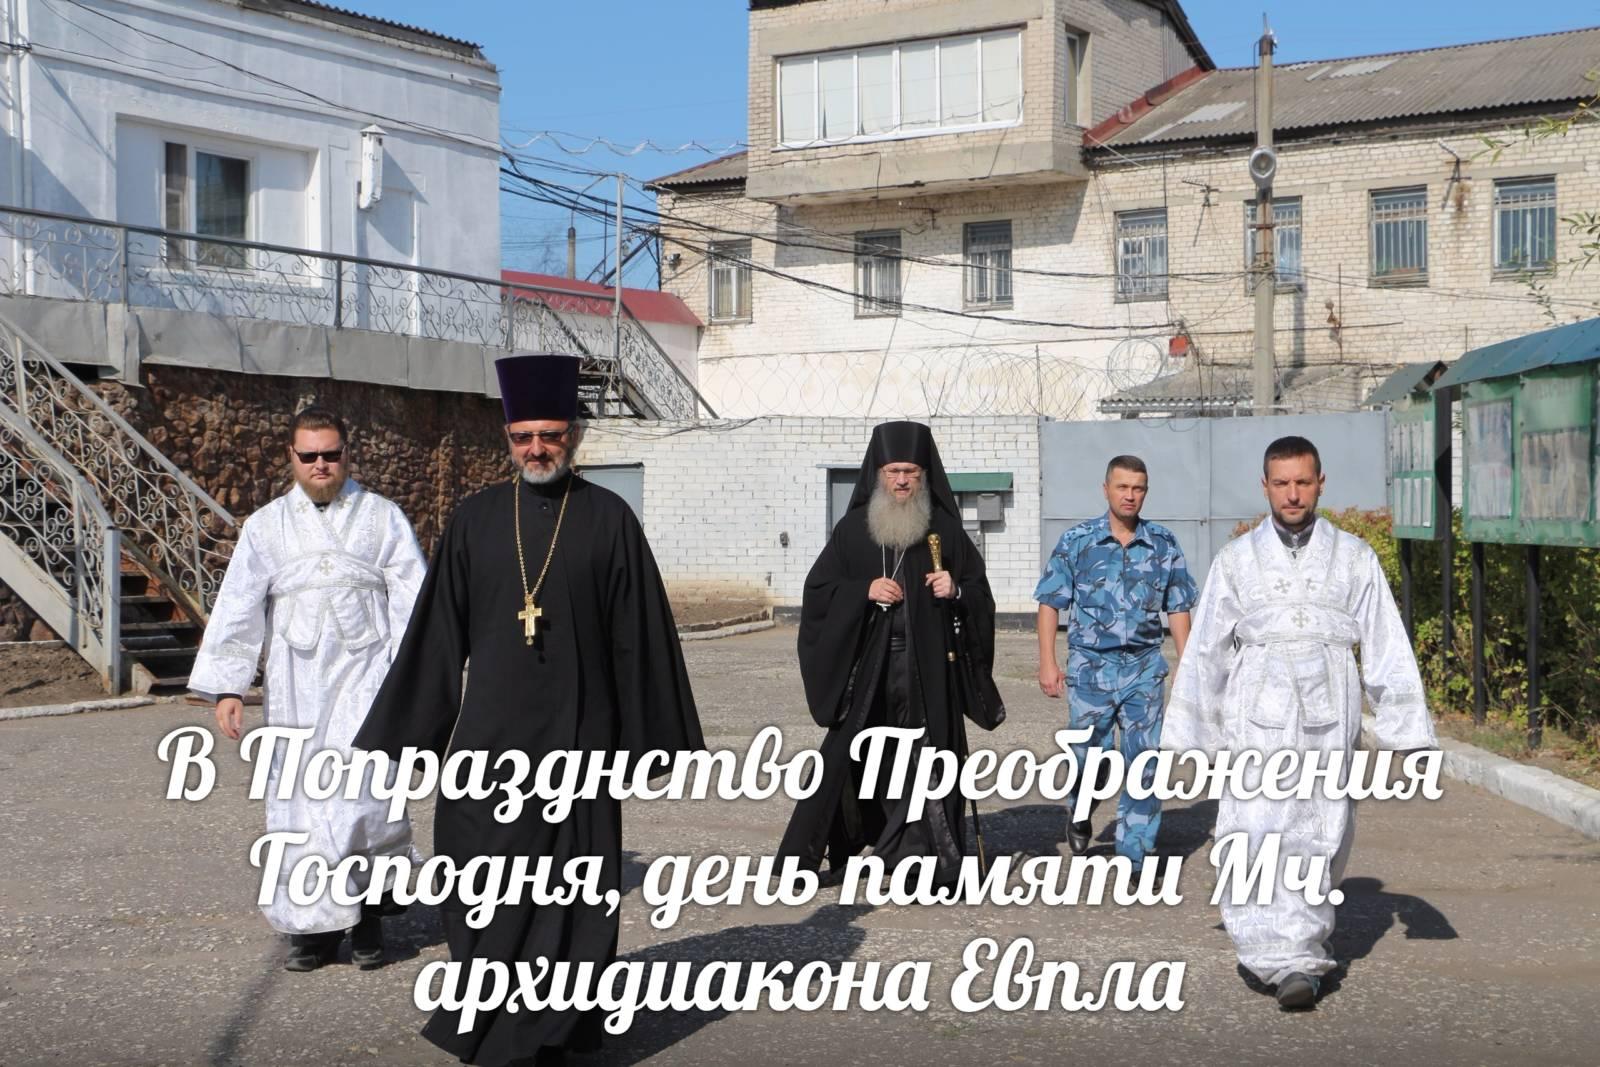 Служение епископа Елисея в день памяти мч. архидиакона Евпла.